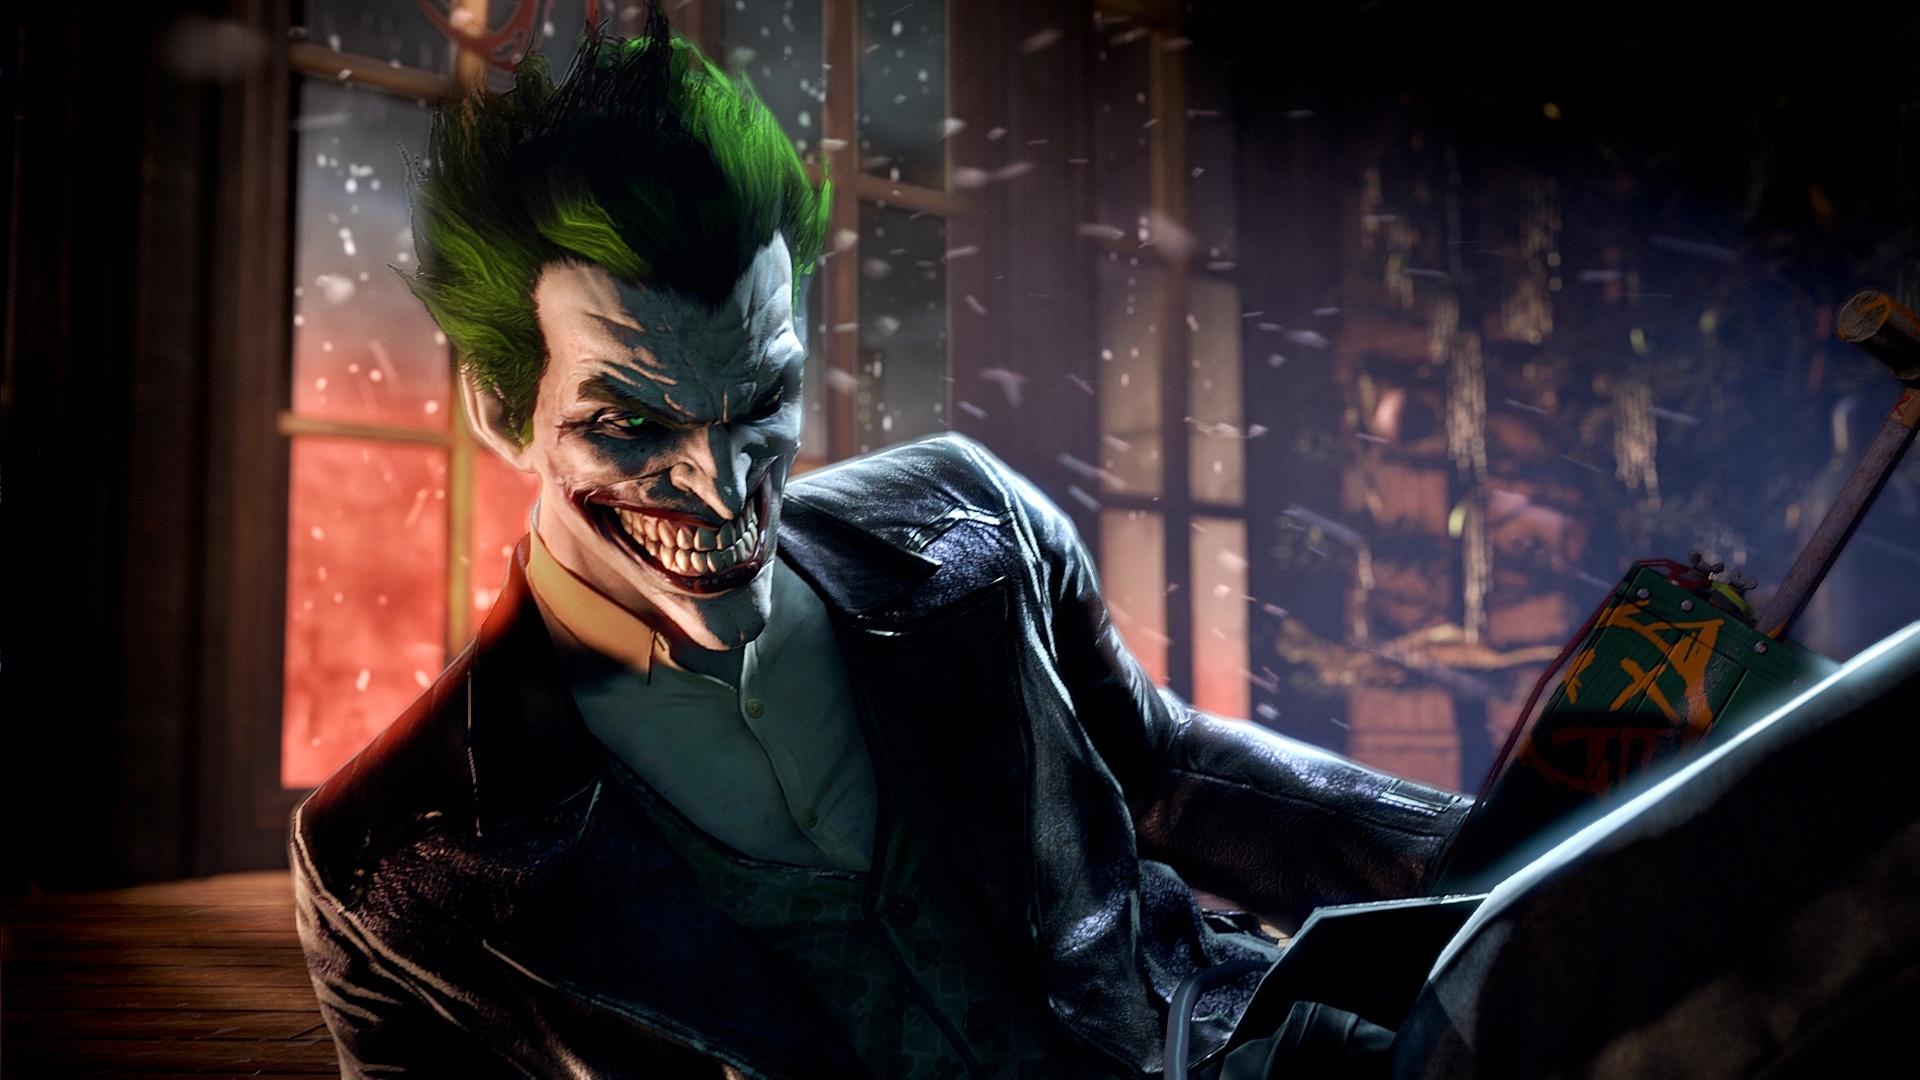 Bildresultat för joker batman arkham